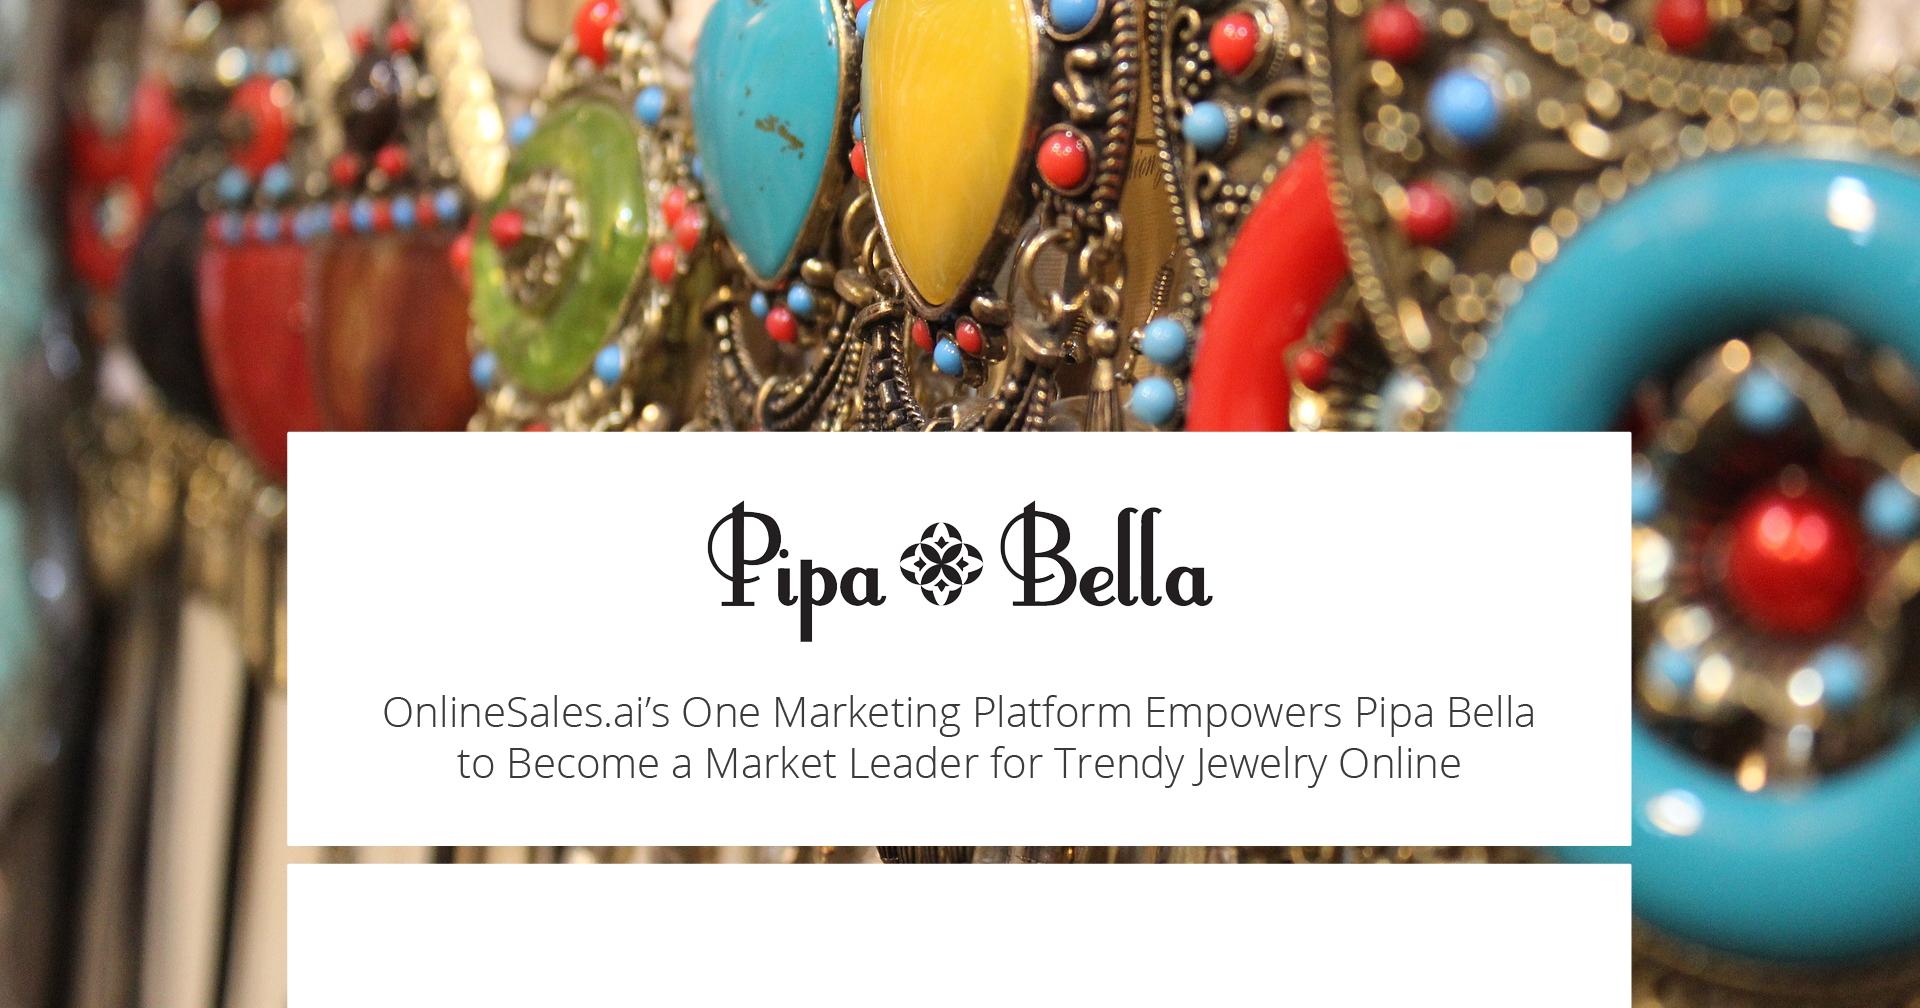 Pipabella